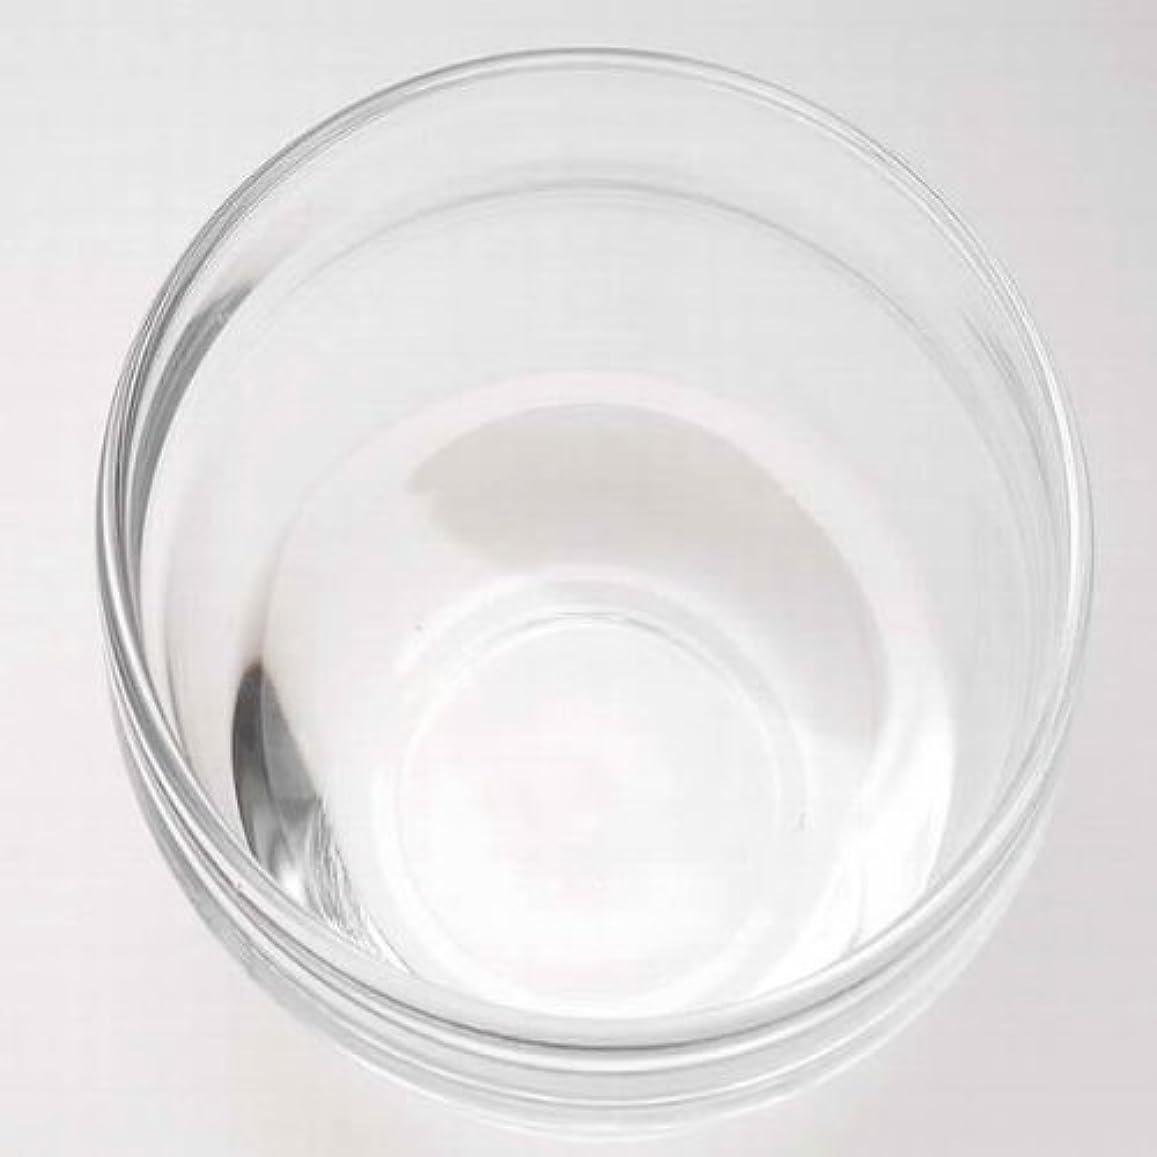 帽子世紀刺激するオリーブ スクワランオイル 1000ml(500ml×2本) 精製 天然無添加 ?キャリアオイル アロマ ベースオイル?